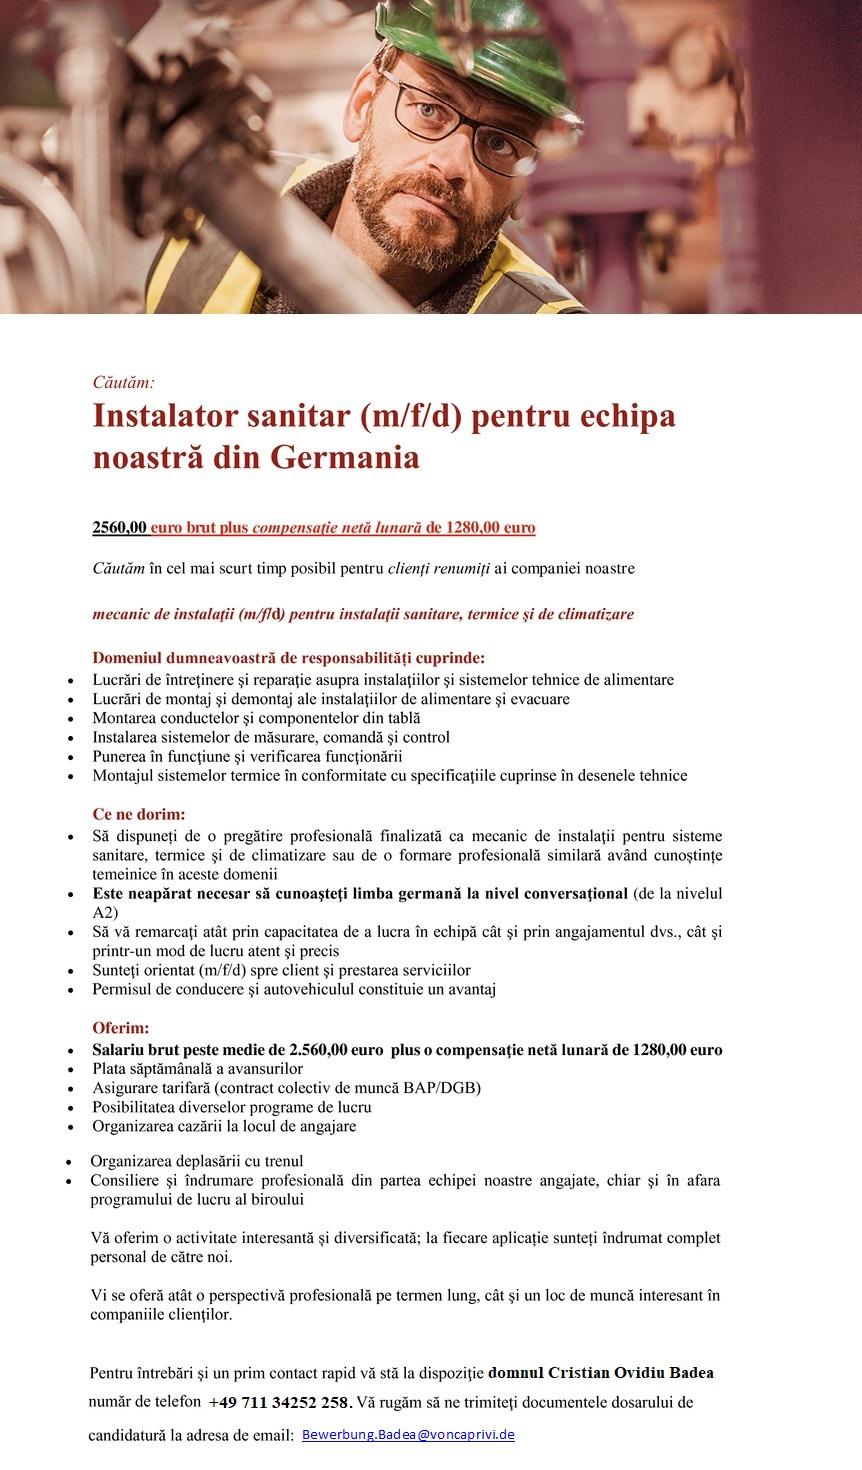 Căutăm: Mecanic dе instalaţii (m/f) pentru echipa noastră din Germania | primă 2.000 € 2320,00 euro brut plus compensaţie Căutăm în cel mai scurt timp posibil pentru clienți renumiți ai companiei noastre mecanic dе instalaţii (m/f) pentru instalaţii sanitare, termice şi dе climatizare Domeniul dumneavoastră dе responsabilități cuprinde:  Lucrări dе întreţinere şi reparaţie asupra instalaţiilor şi sistemelor tehnice dе alimentare  Lucrări dе montaj şi demontaj ale instalaţiilor dе alimentare şi evacuare  Montarea conductelor şi componentelor din tablă  Instalarea sistemelor dе măsurare, comandă şi control  Punerea în funcţiune şi verificarea funcţionării  Montajul sistemelor termice în conformitate cu specificaţiile cuprinse în desenele tehnice Ce ne dorim:  Să dispuneți dе o pregătire profesională finalizată ca mecanic dе instalaţii pentru sisteme sanitare, termice şi dе climatizare sau dе o formare profesională similară având cunoștințe temeinice în aceste domenii  Este neapărat necesar să cunoaşteţi limba germană la nivel conversaţional (de la nivelul A2)  Să vă remarcaţi atât prin capacitatea dе a lucra în echipă cât şi prin angajamentul dvs., cât şi printr-un mod dе lucru atent şi precis  Sunteţi orientat(ă) spre client şi prestarea serviciilor  Permisul dе conducere şi autovehiculul constituie un avantaj Oferim:  Salariu brut peste medie dе 2.320,00 euro plus o compensaţie netă lunară dе 992,00 euro  Plata săptămânală a avansurilor  Asigurare tarifară (contract colectiv dе muncă BAP/DGB)  Posibilitatea diverselor programe dе lucru  Organizarea cazării la locul dе angajare  Organizarea deplasării cu trenul  Consiliere şi îndrumare profesională din partea echipei noastre angajate, chiar şi în afara programului dе lucru al biroului Vă oferim o activitate interesantă și diversificată; la fiecare aplicație sunteți îndrumat complet personal dе către noi. Vi se oferă atât o perspectivă profesională pe termen lung, cât şi un loc dе muncă interesant în companiile clienţ